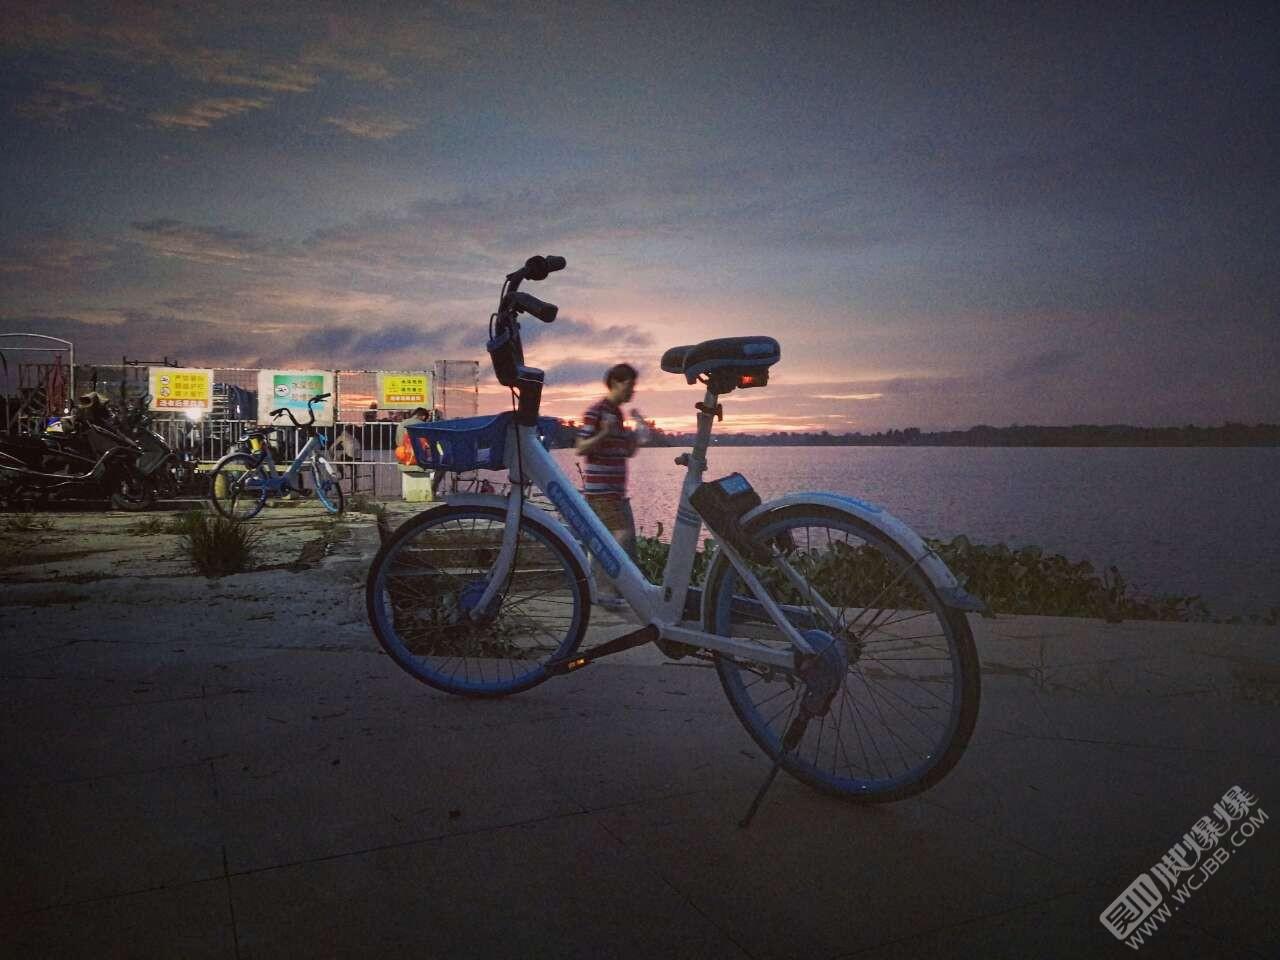 江心島的夜景